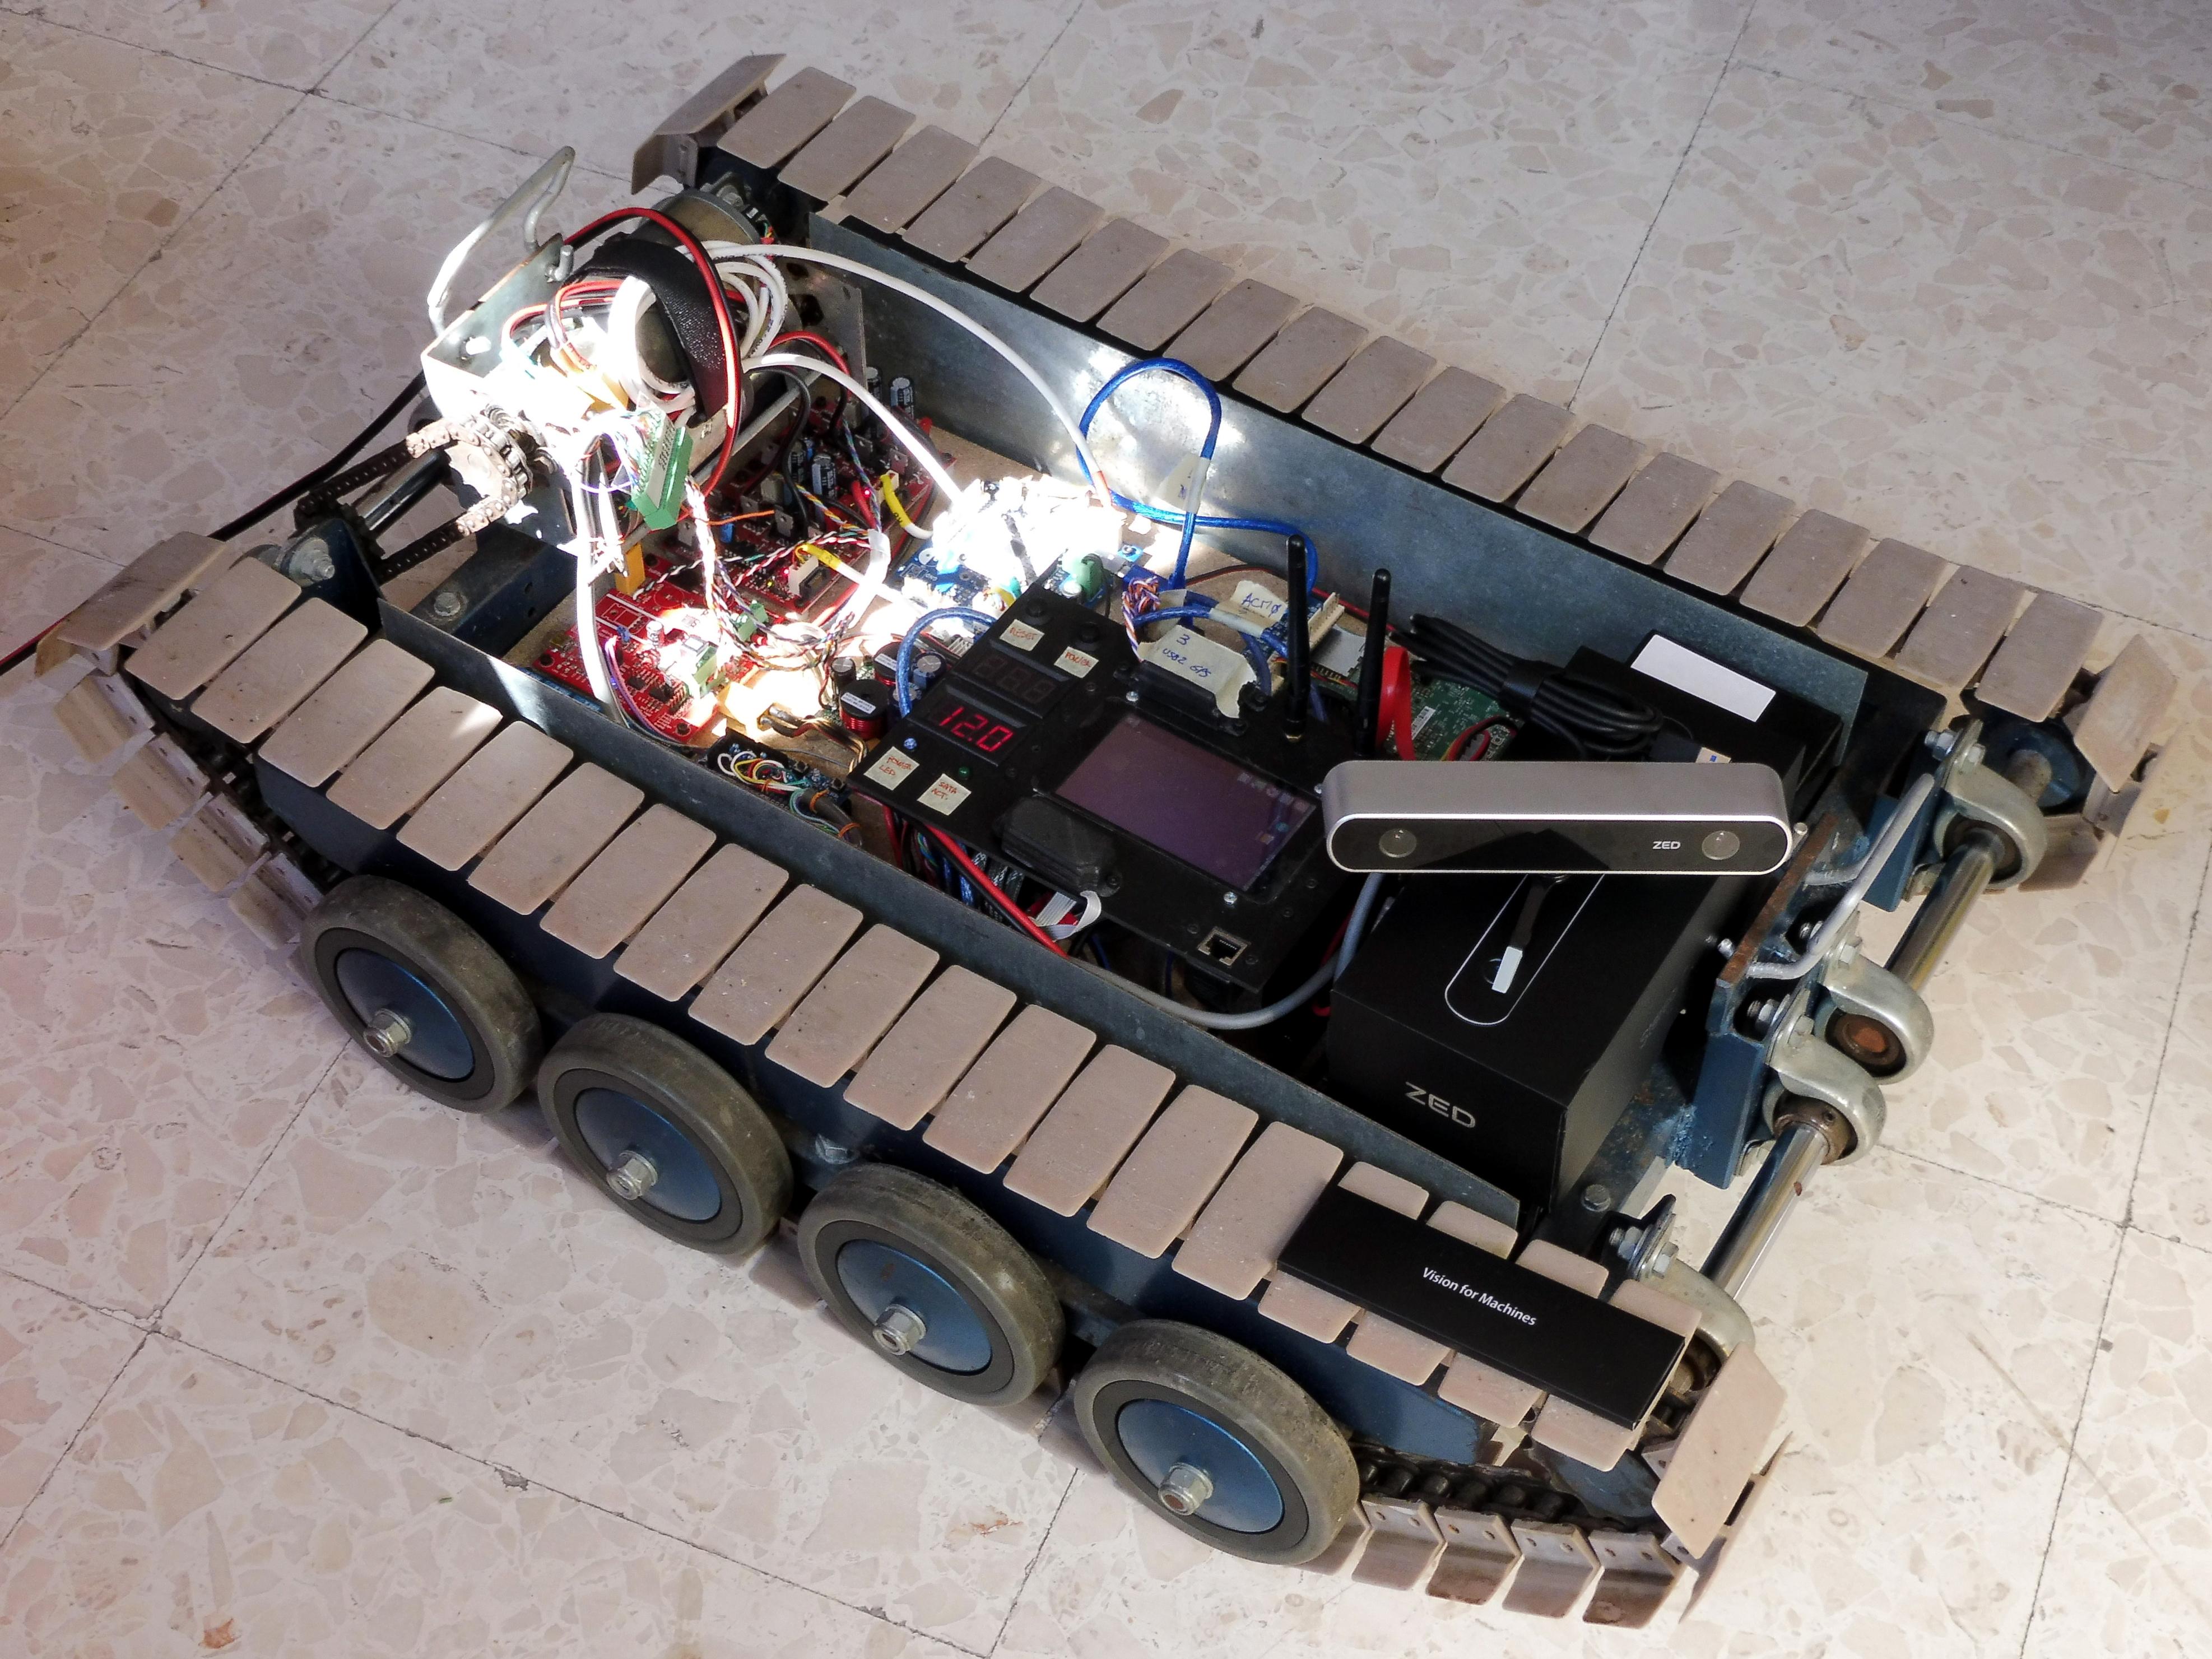 PlutarcoRobot - prototipo di robot cingolato per la sorveglianza autonoma in ambiente agricolo o industriale